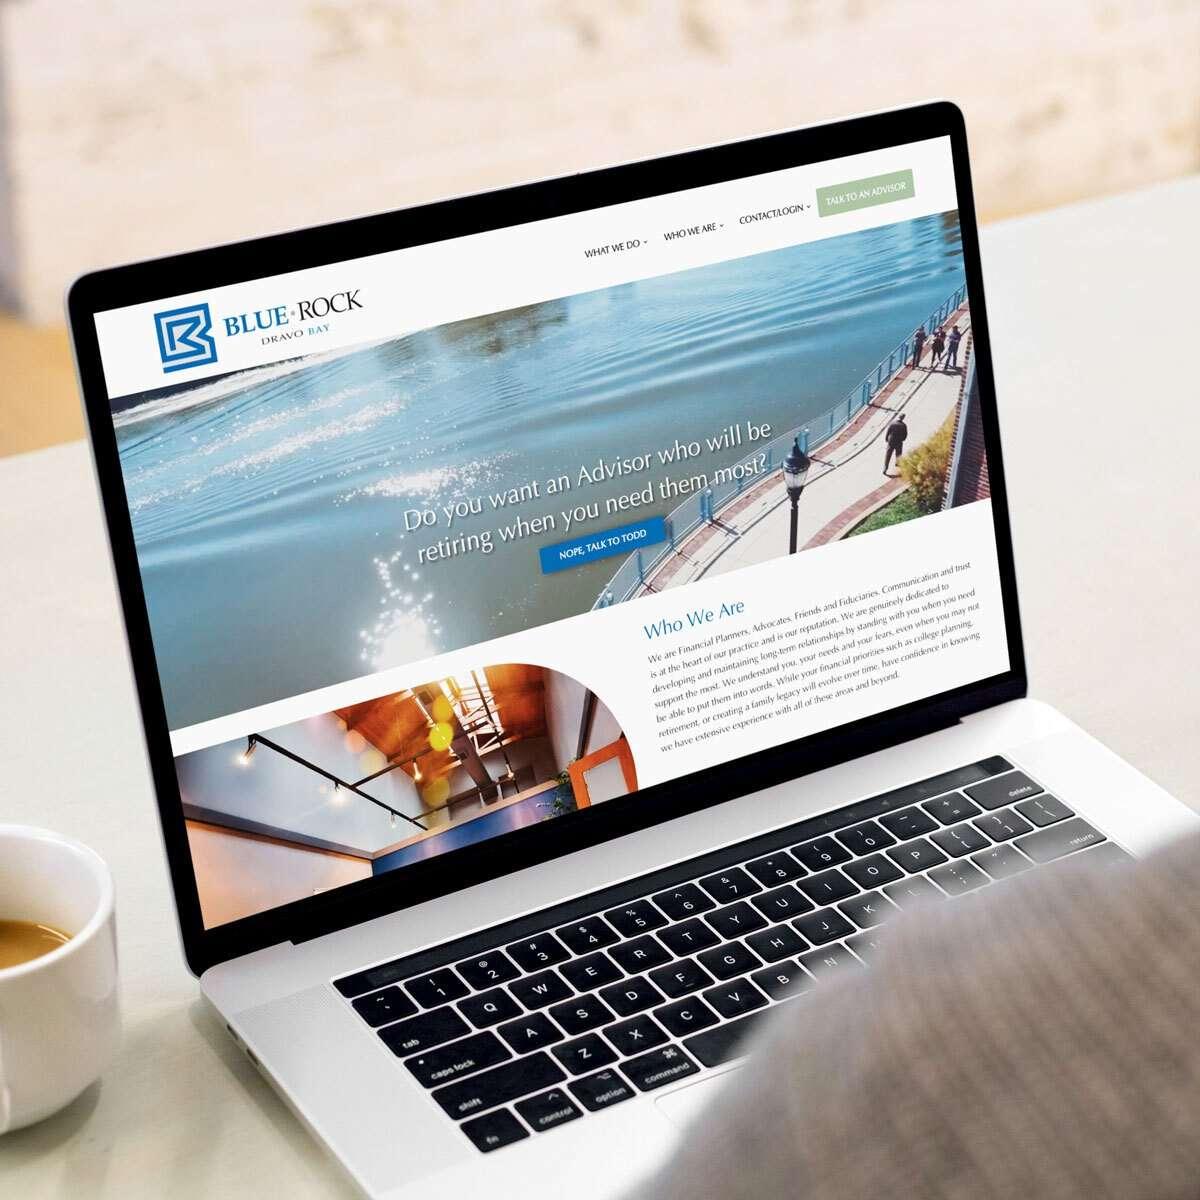 Financial advisor website design from BrandSwan, a Delaware web design agency